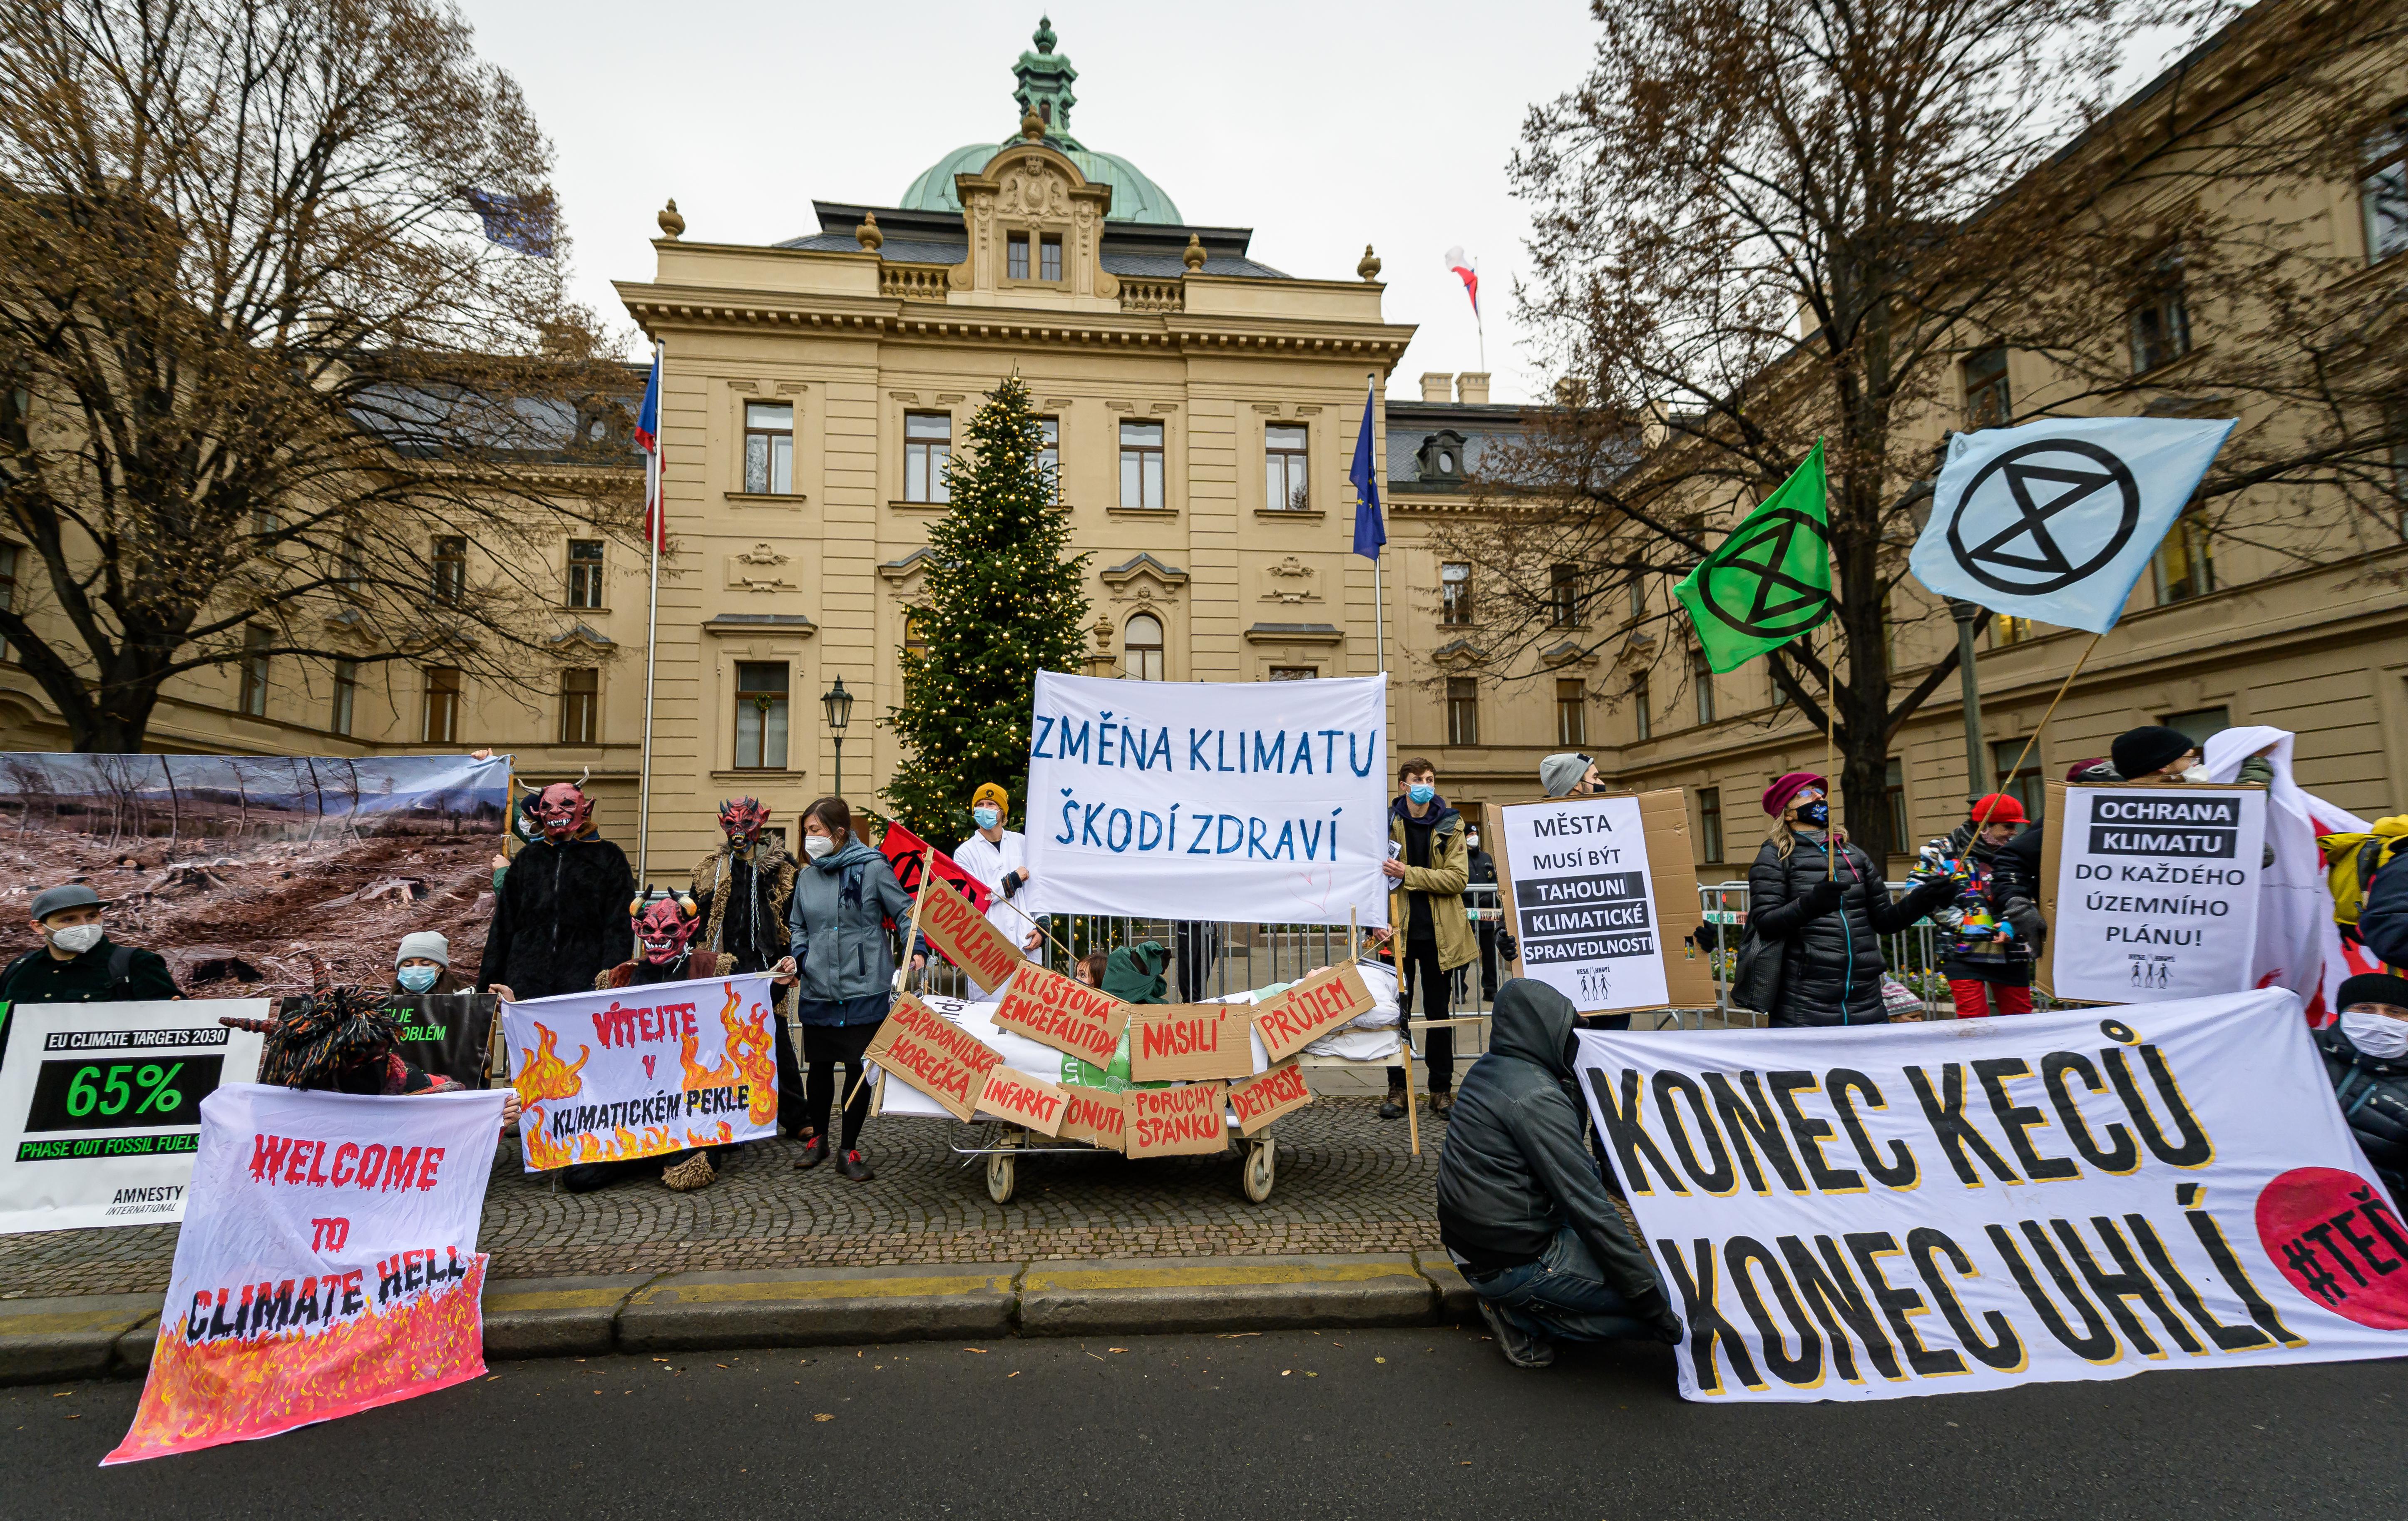 Emise skleníkových plynů v EU klesnou o 55 % v roce 2030. ČR musí dříve nahradit uhlí obnovitelnými zdroji